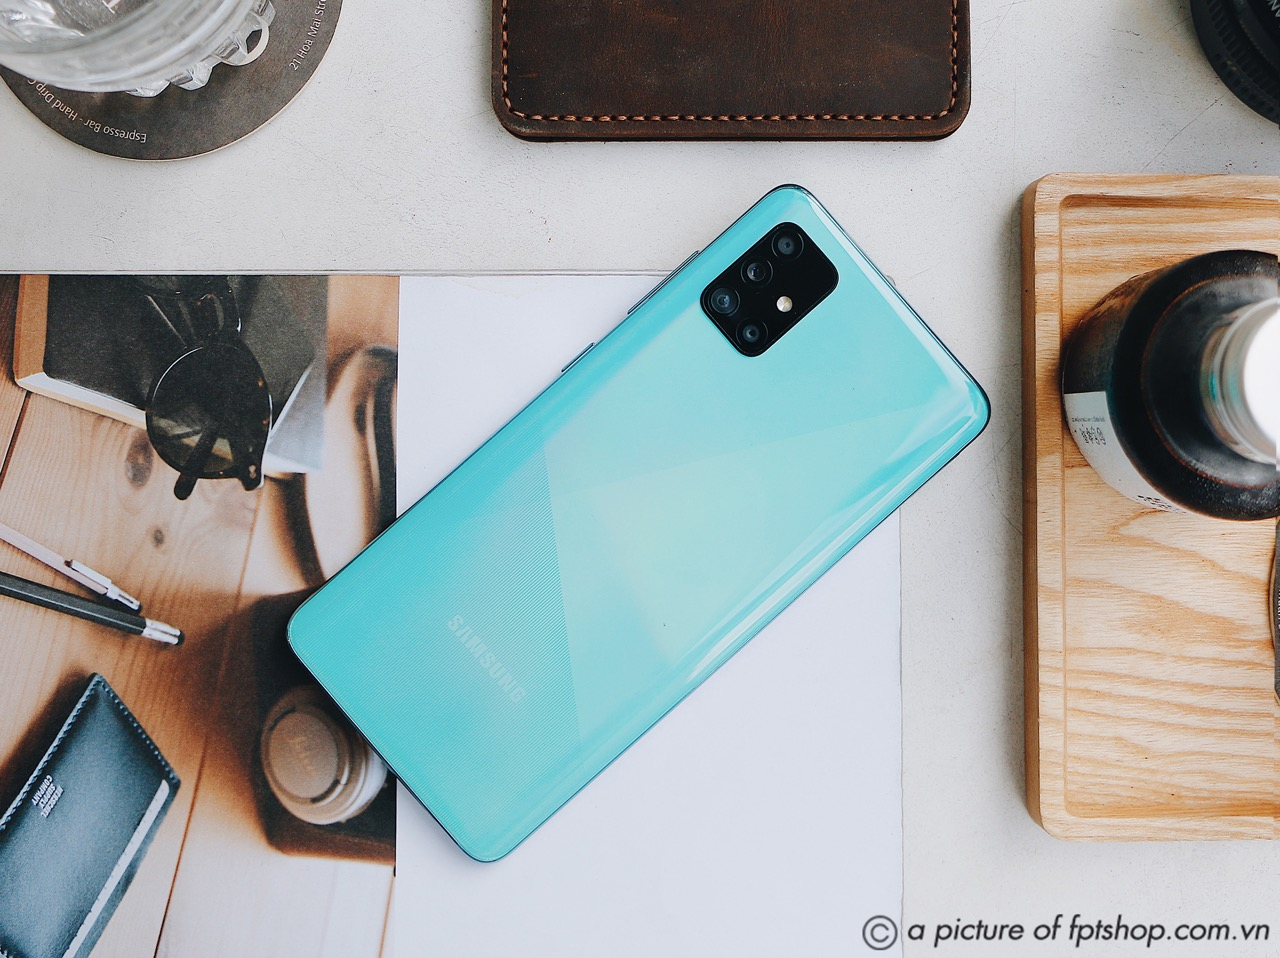 FPT Shop bán Samsung Galaxy A51 với ưu đãi trả góp không lãi suất